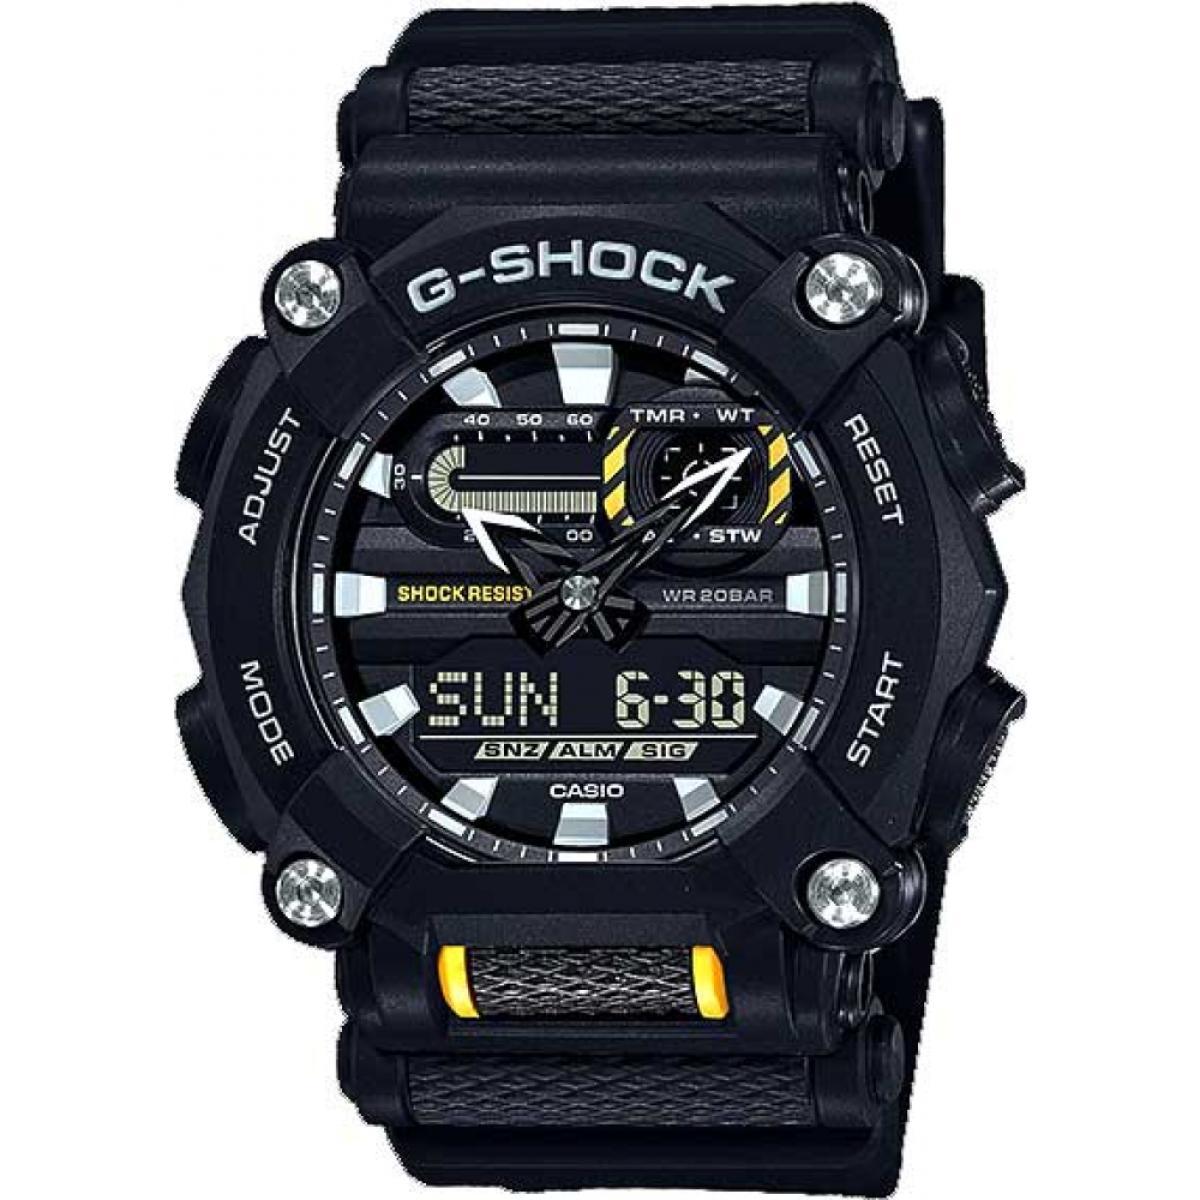 RELÓGIO CASIO G-SHOCK - GA-900E-1A3DR